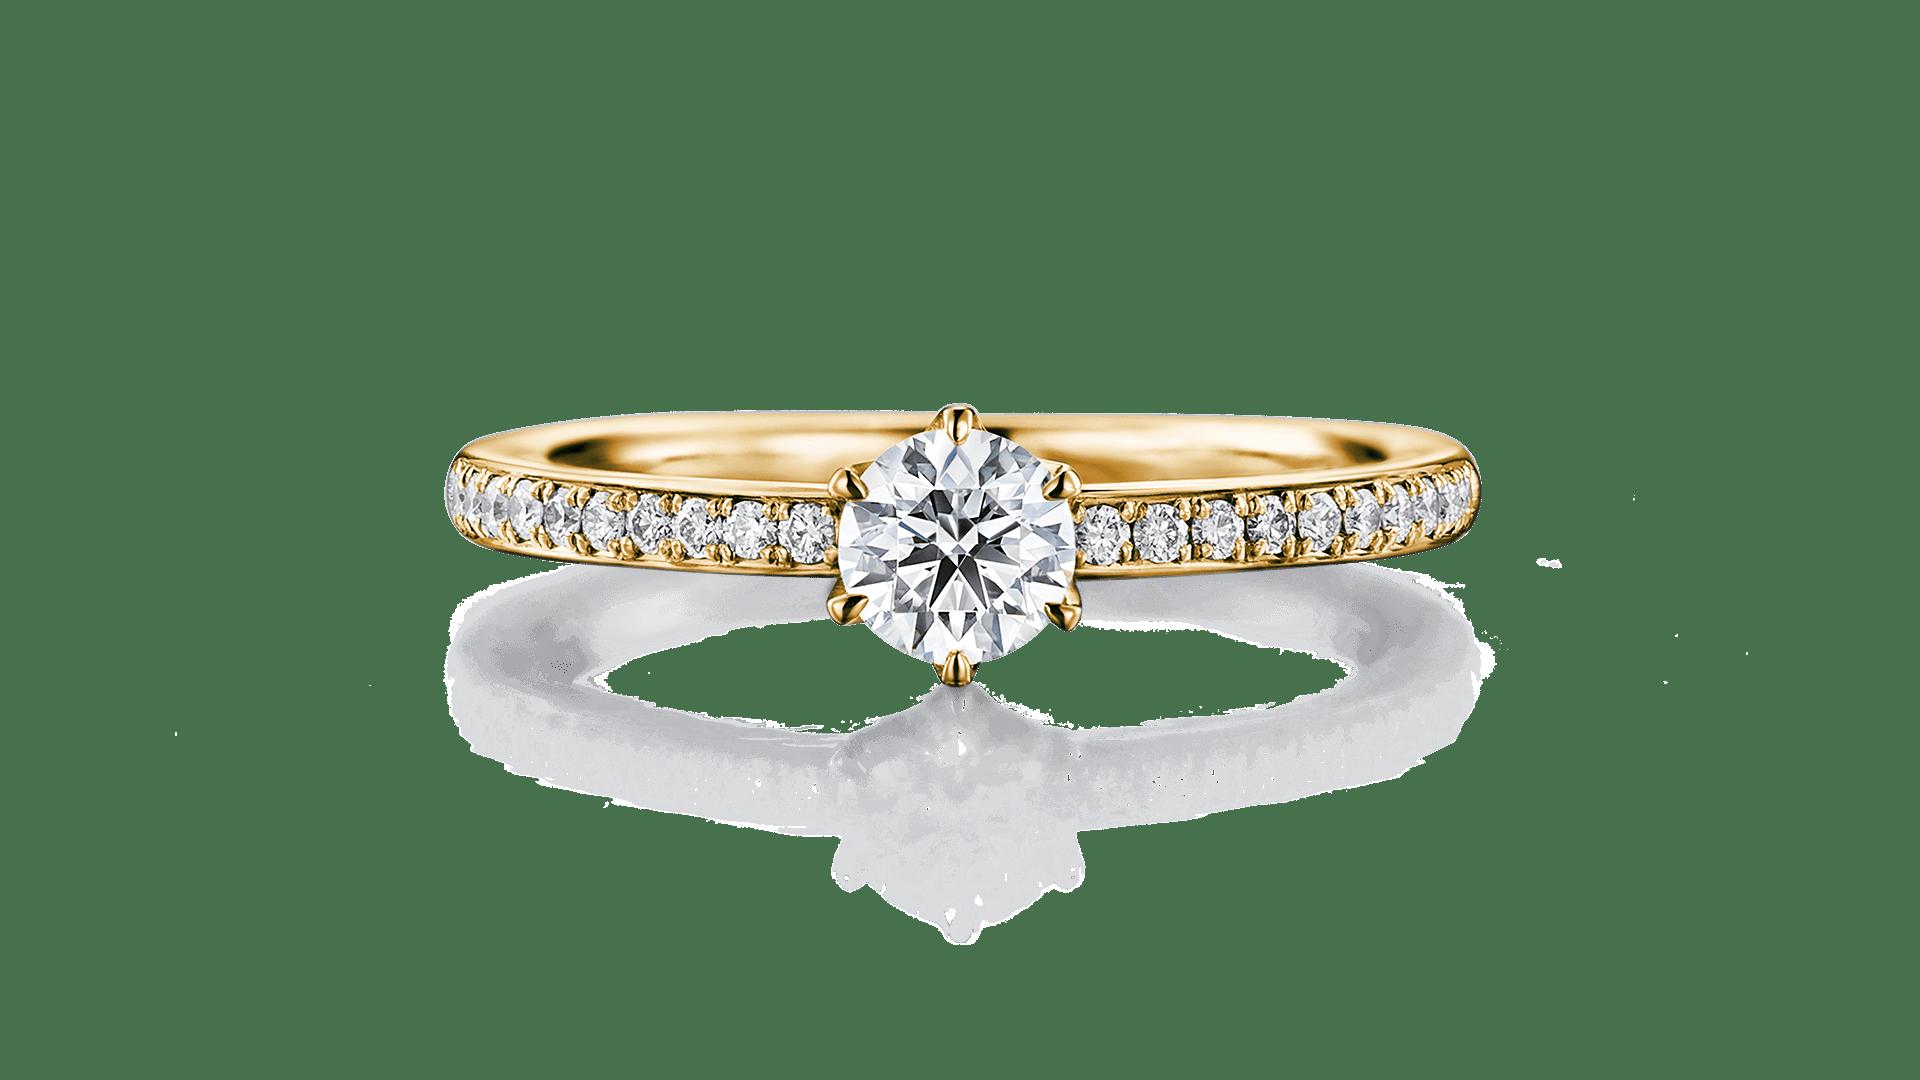 coronare コロナーレ | 婚約指輪サムネイル 1